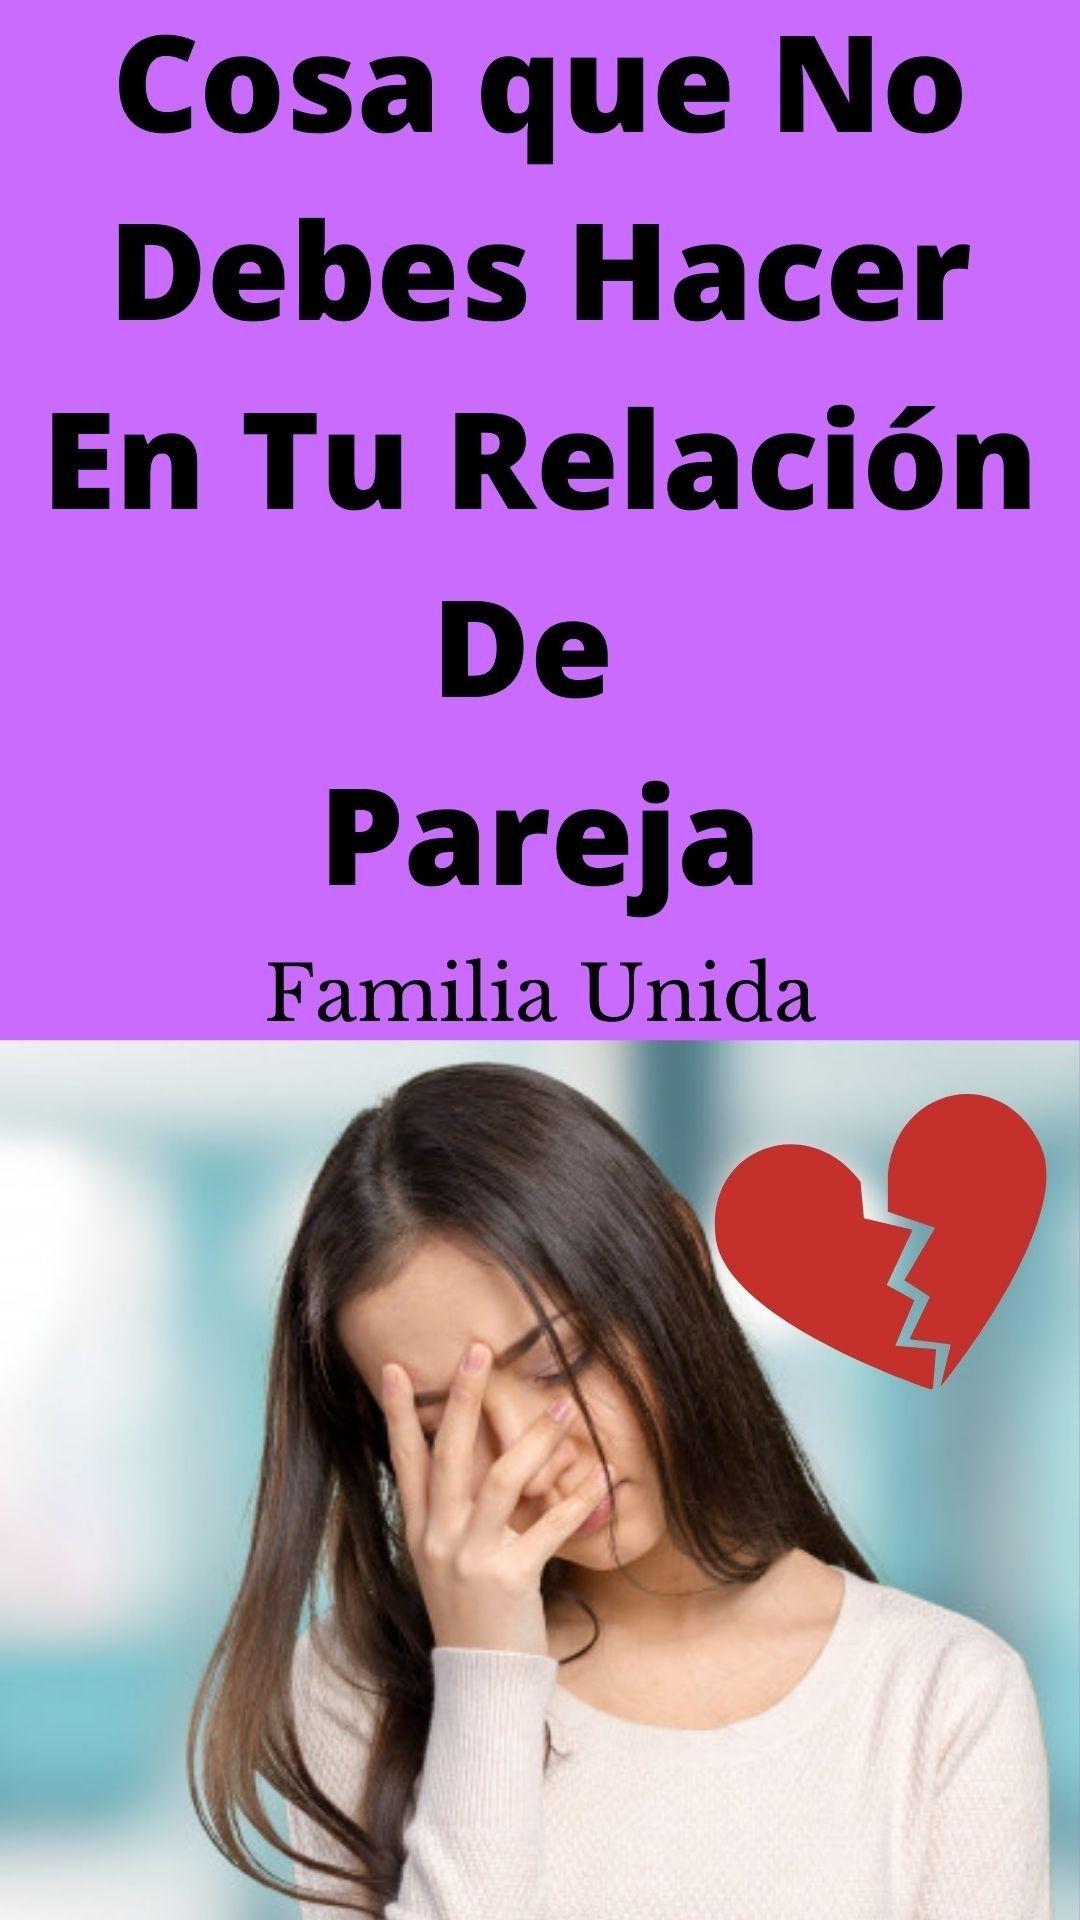 Cosas Que No Debes Hacer En Una Relación De Pareja Relacion De Pareja Parejas Relaciones